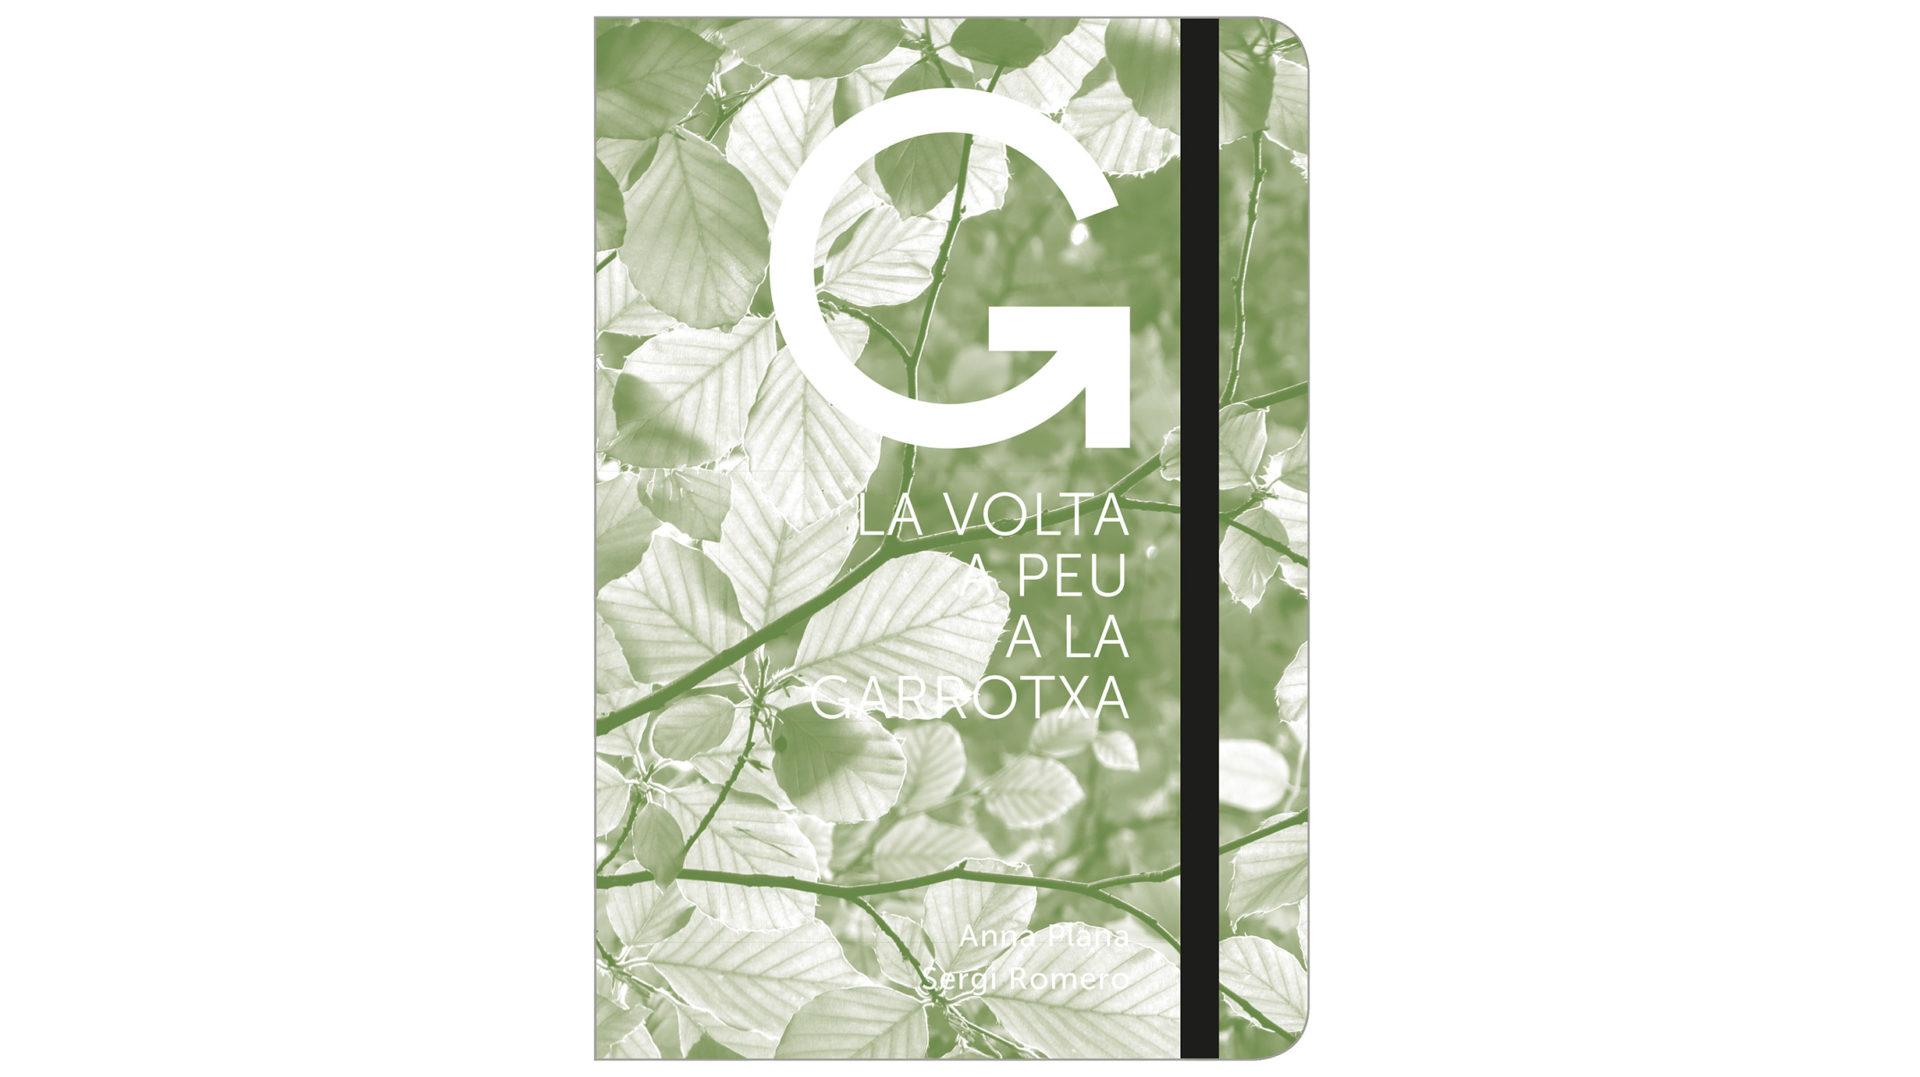 Presentació del llibre 'La volta a peu a la Garrotxa'